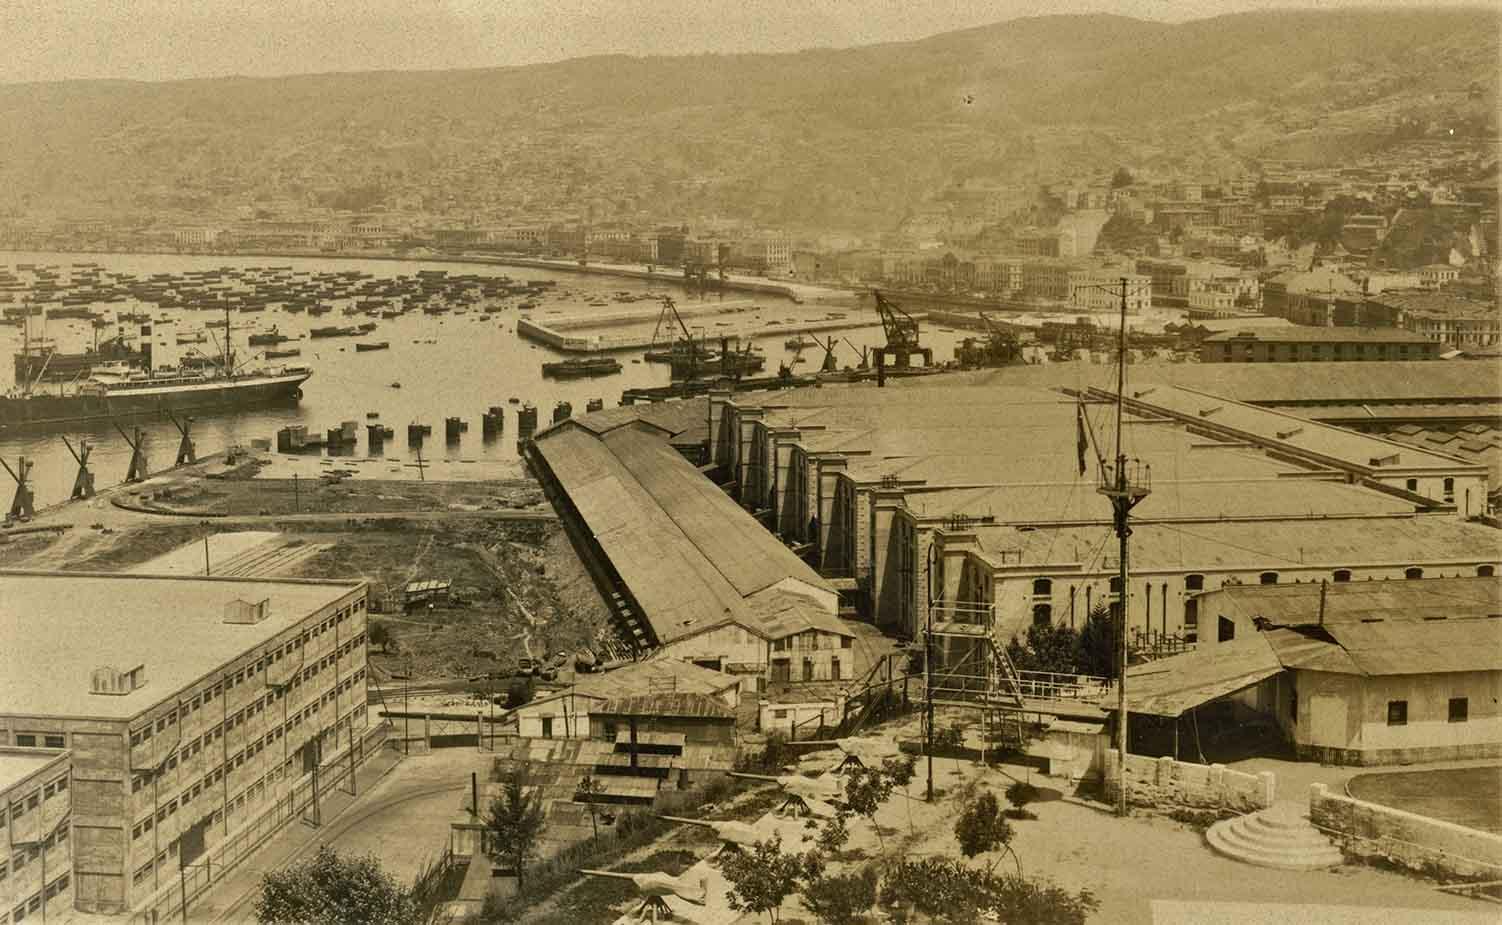 Enterreno - Fotos históricas de chile - fotos antiguas de Chile - Muelle, Malecón y Puerto de Valparaíso en 1922